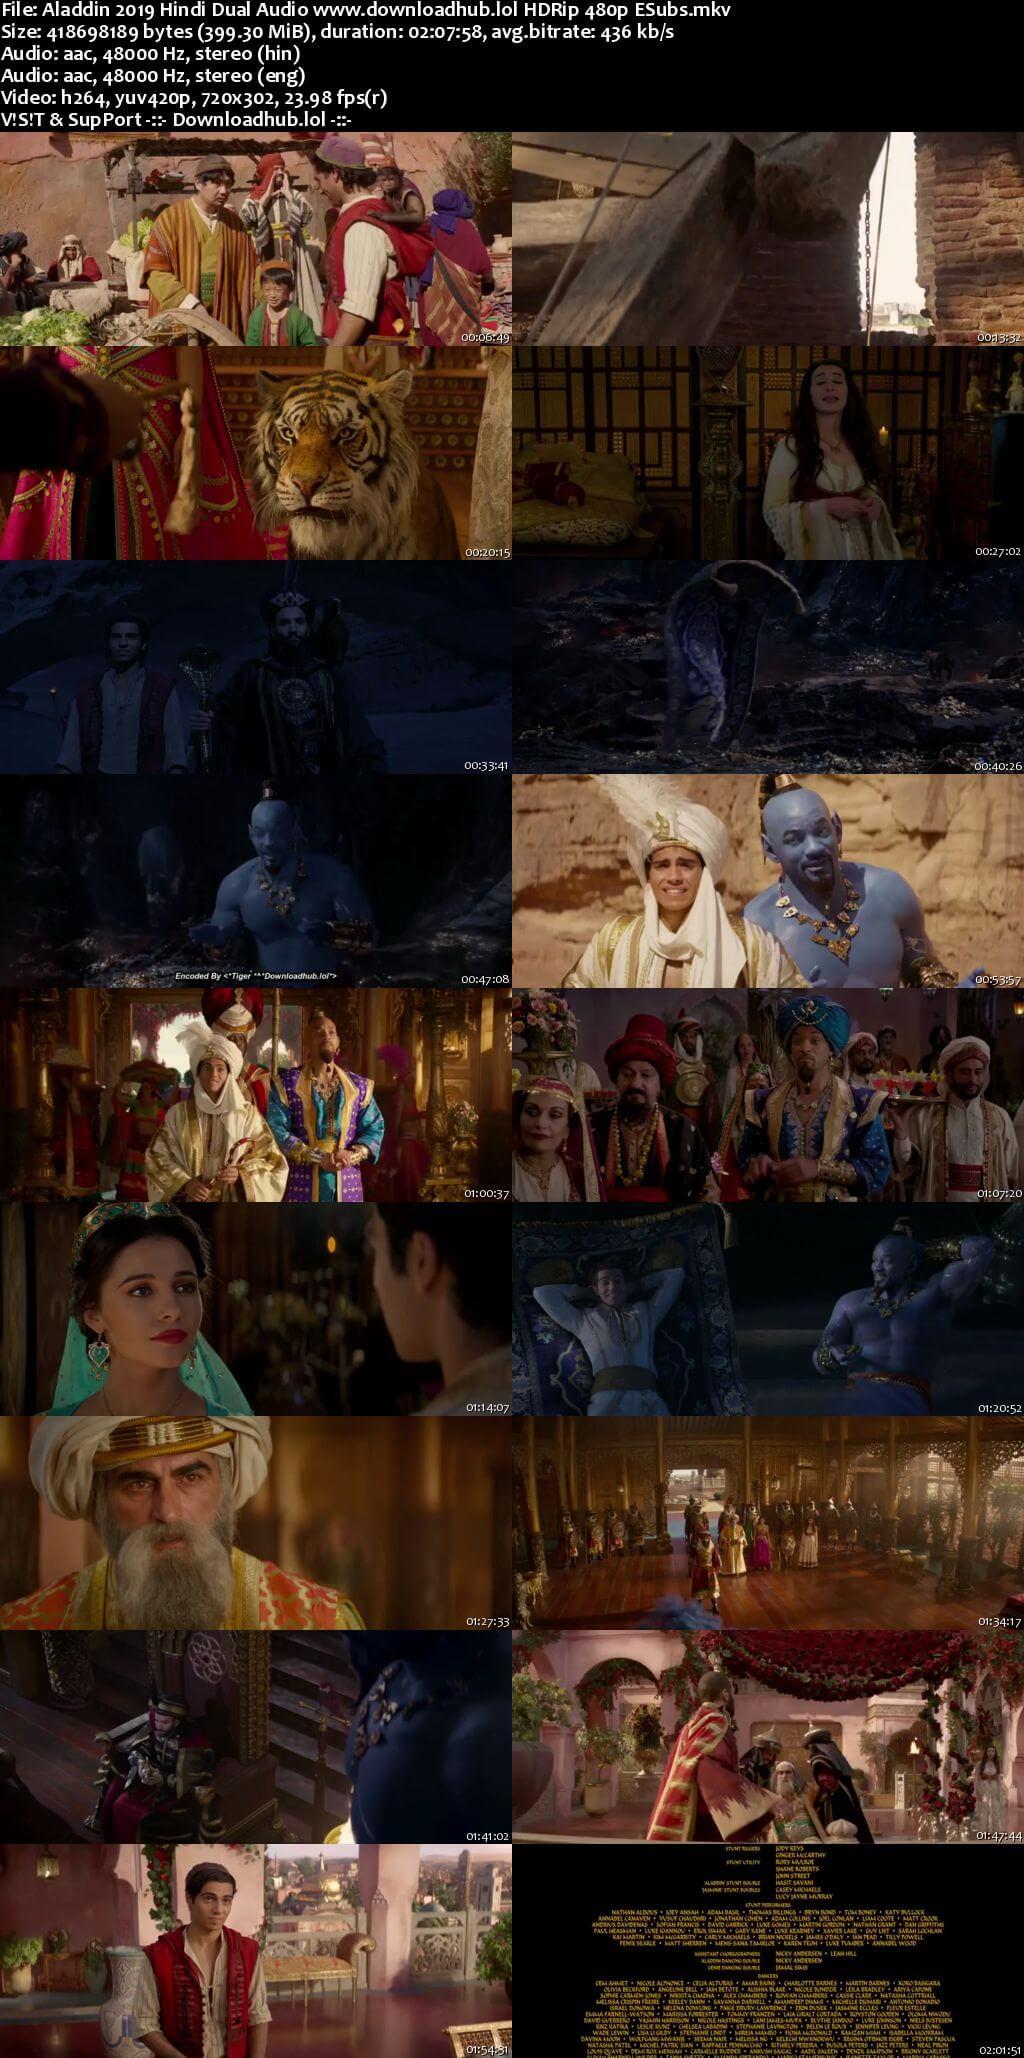 Aladdin 2019 Hindi Dual Audio 400MB HDRip 480p ESubs